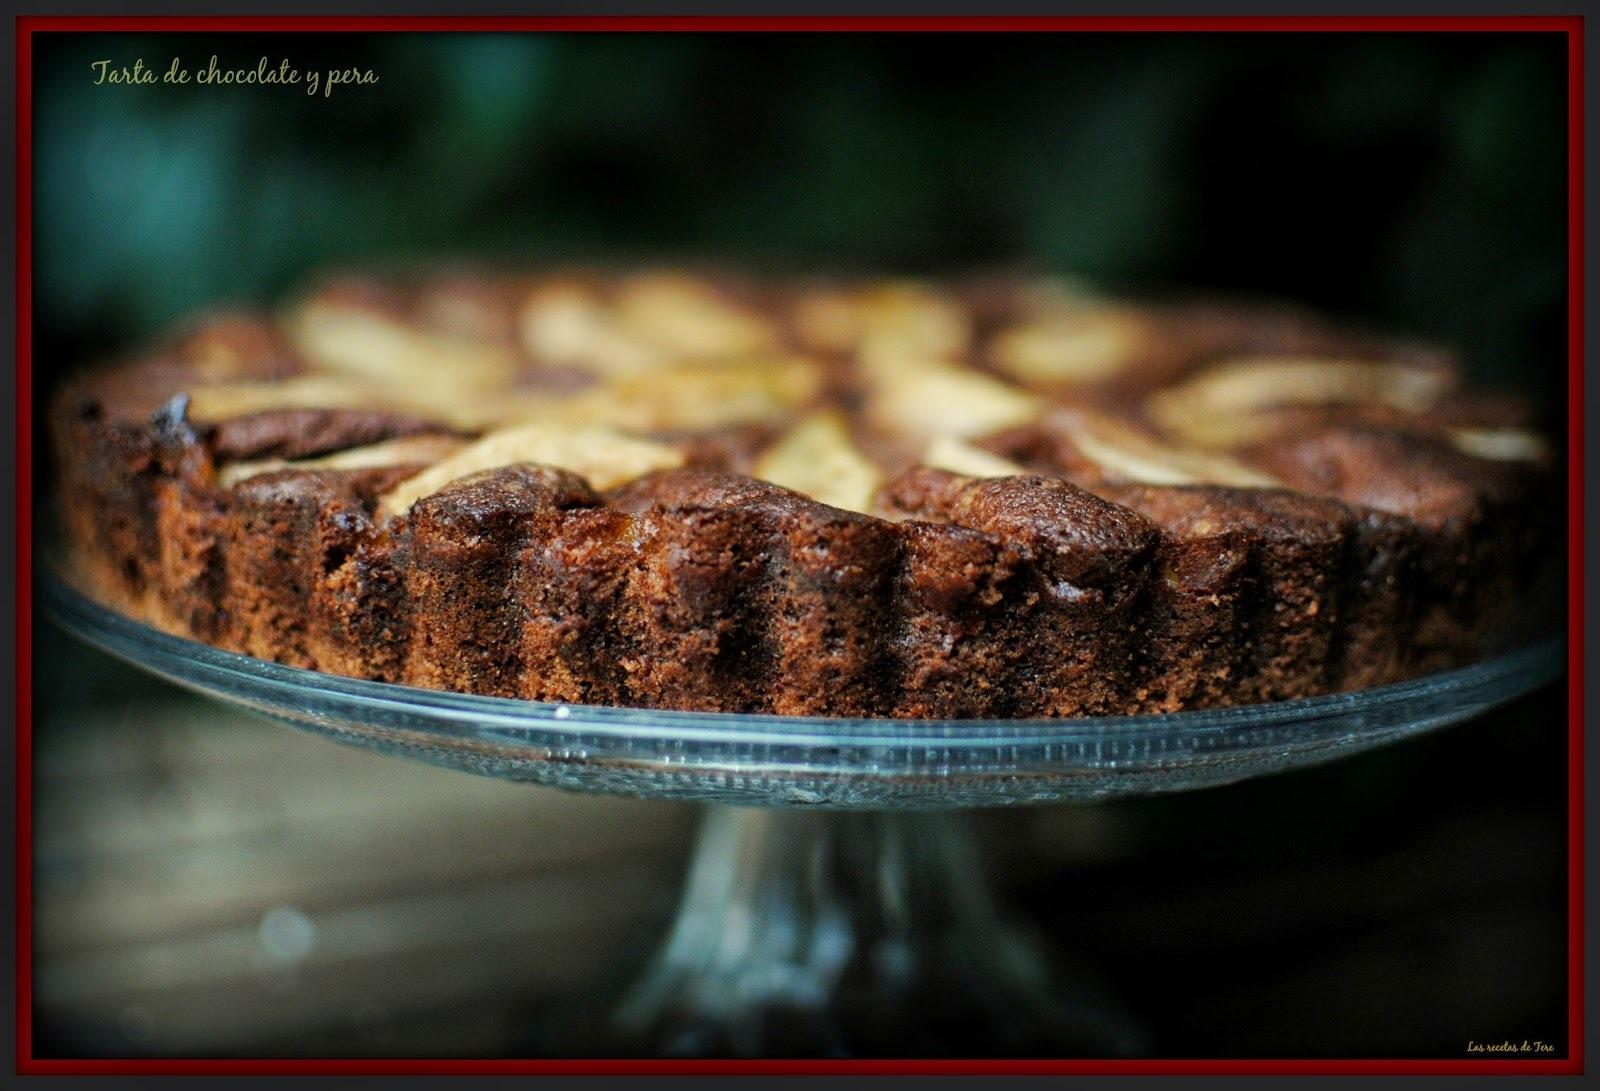 Tarta de chocolate y pera.